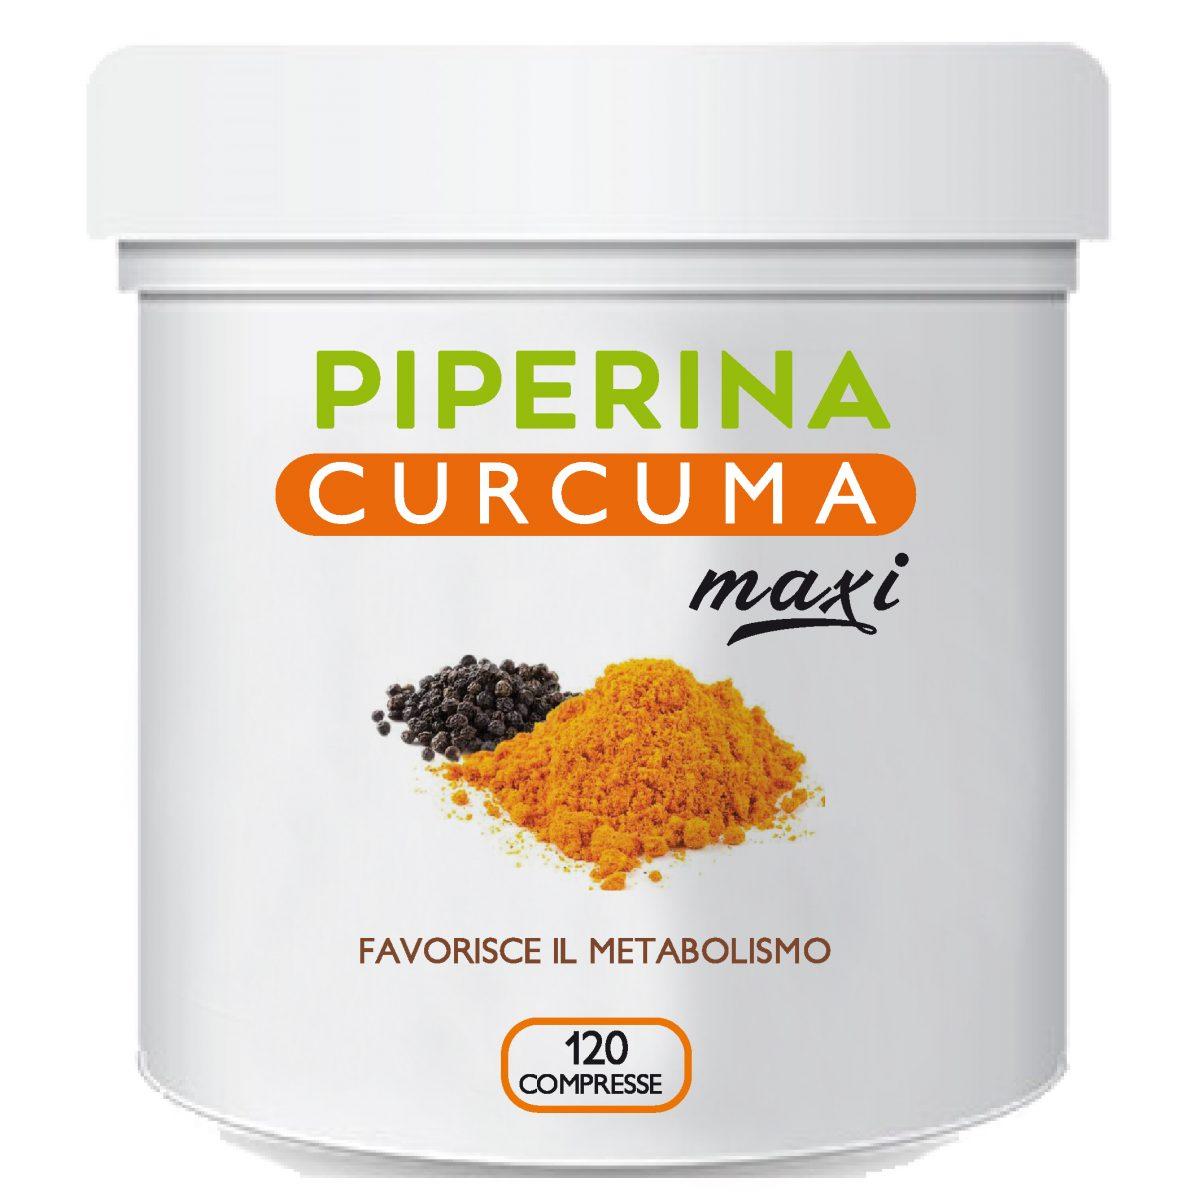 Piperina Curcuma Maxi il segreto per la perdita di peso